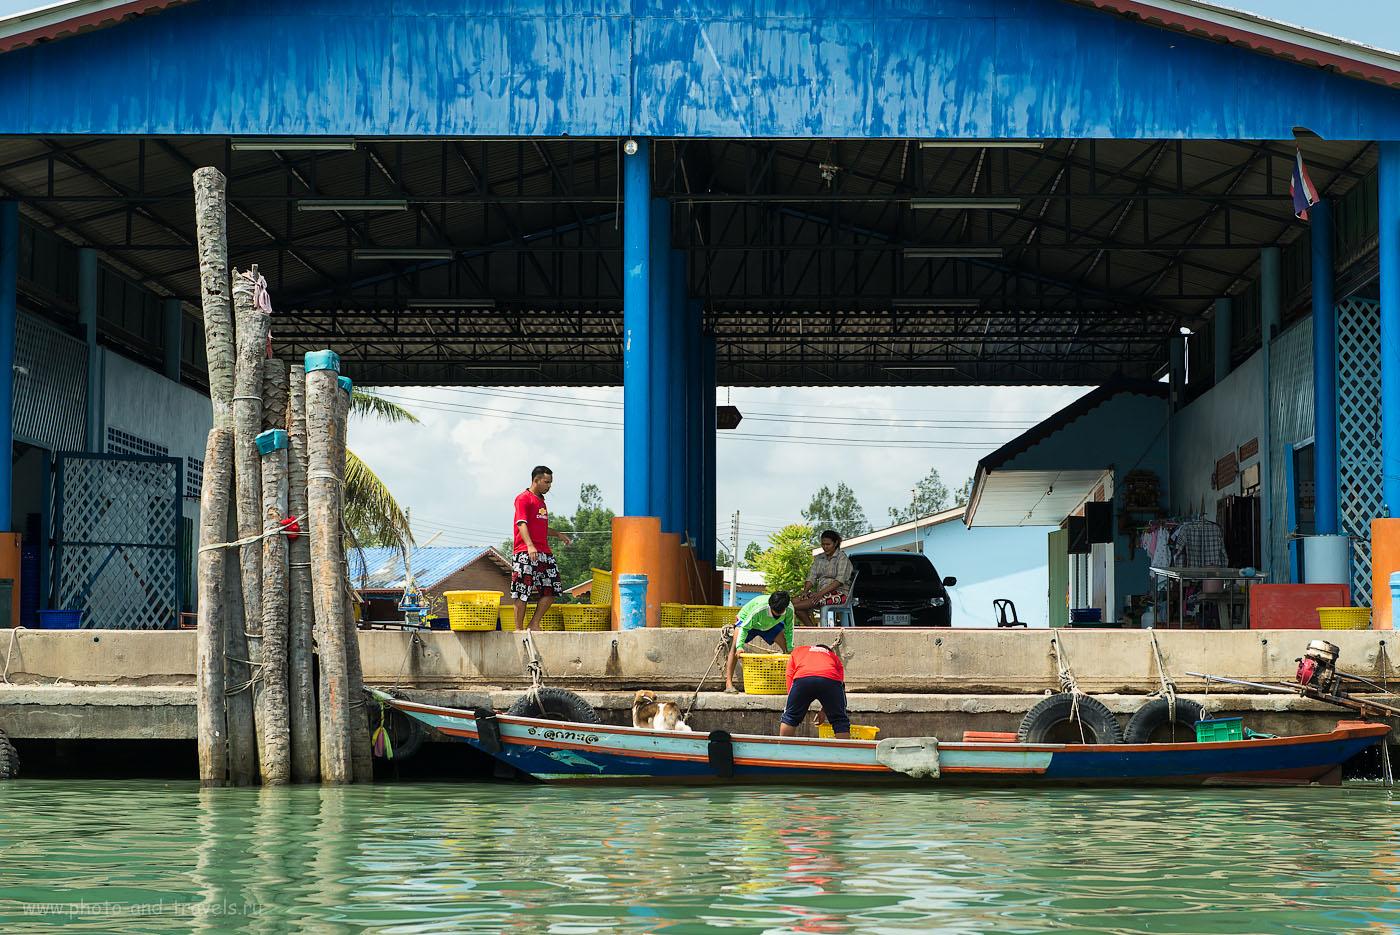 Фото 24. Погрузочные работы на реке. Экскурсия в рыбацкую деревню (320, 70, 8.0, 1/250)